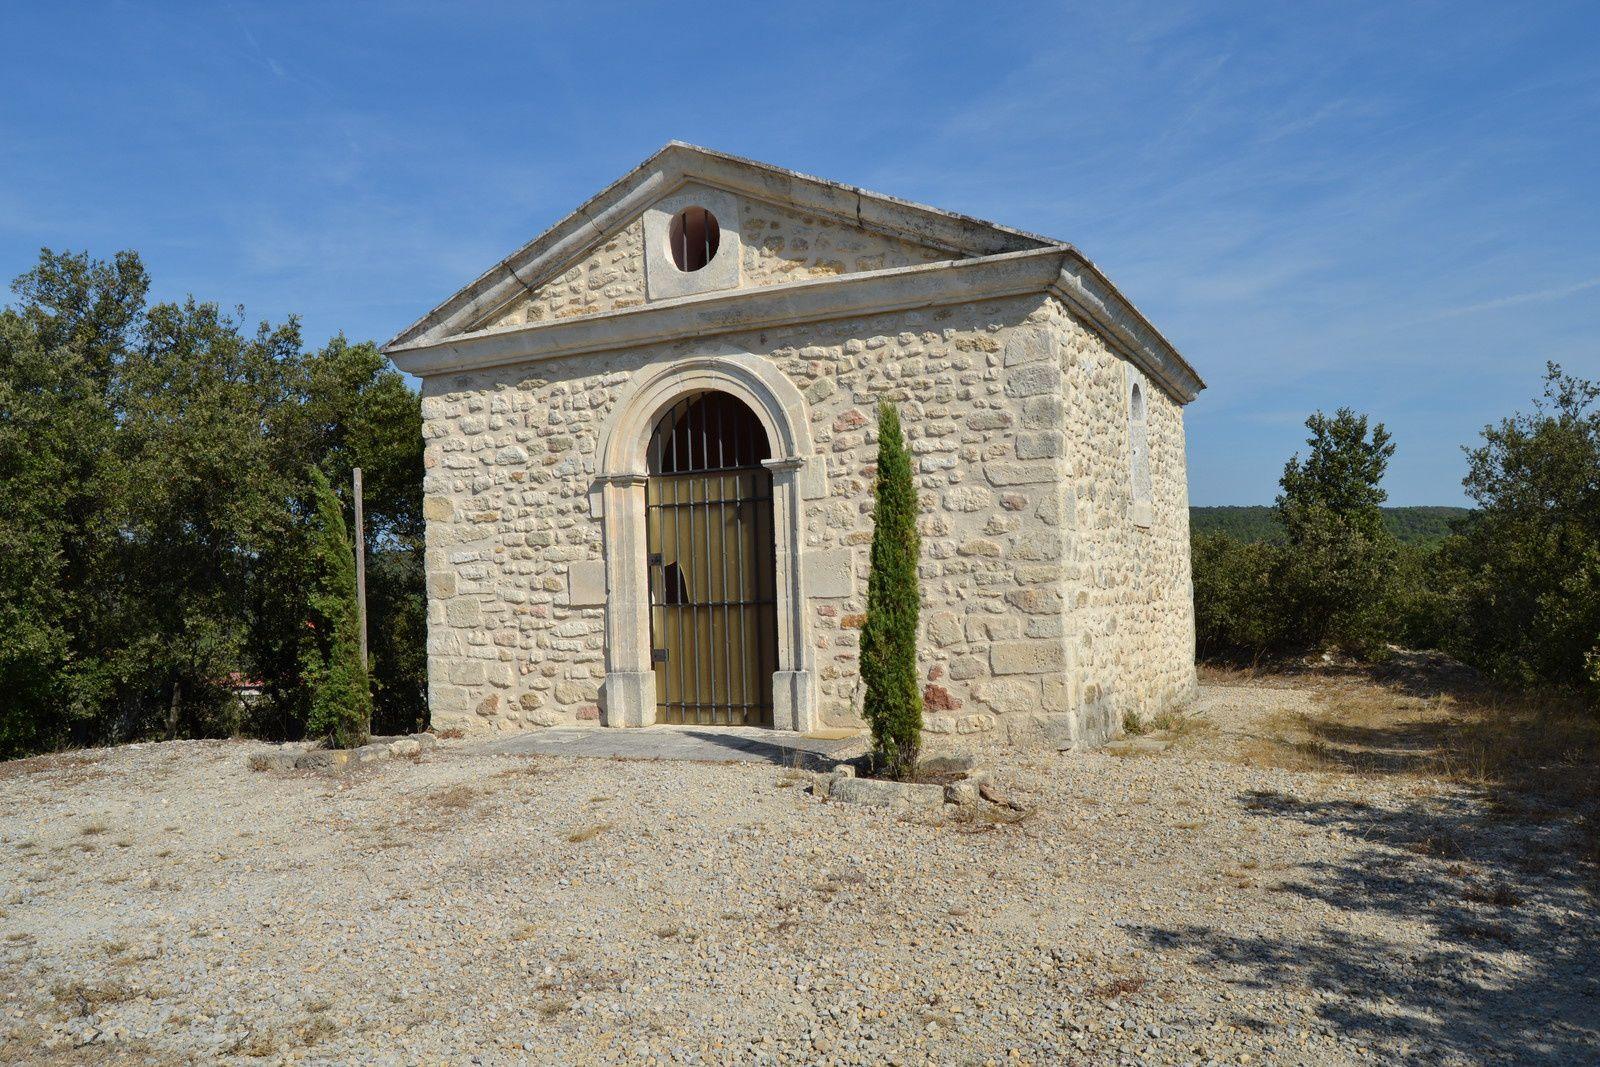 La chapelle Saint-Raphaël est un ancien monument funéraire, datant du 19e siècle, qui domine la plaine de Solérieux et Saint-Restitut. Elle est implantée sur les ruines d'un ancien château dont subsiste encore quelques vestiges de voûtes.